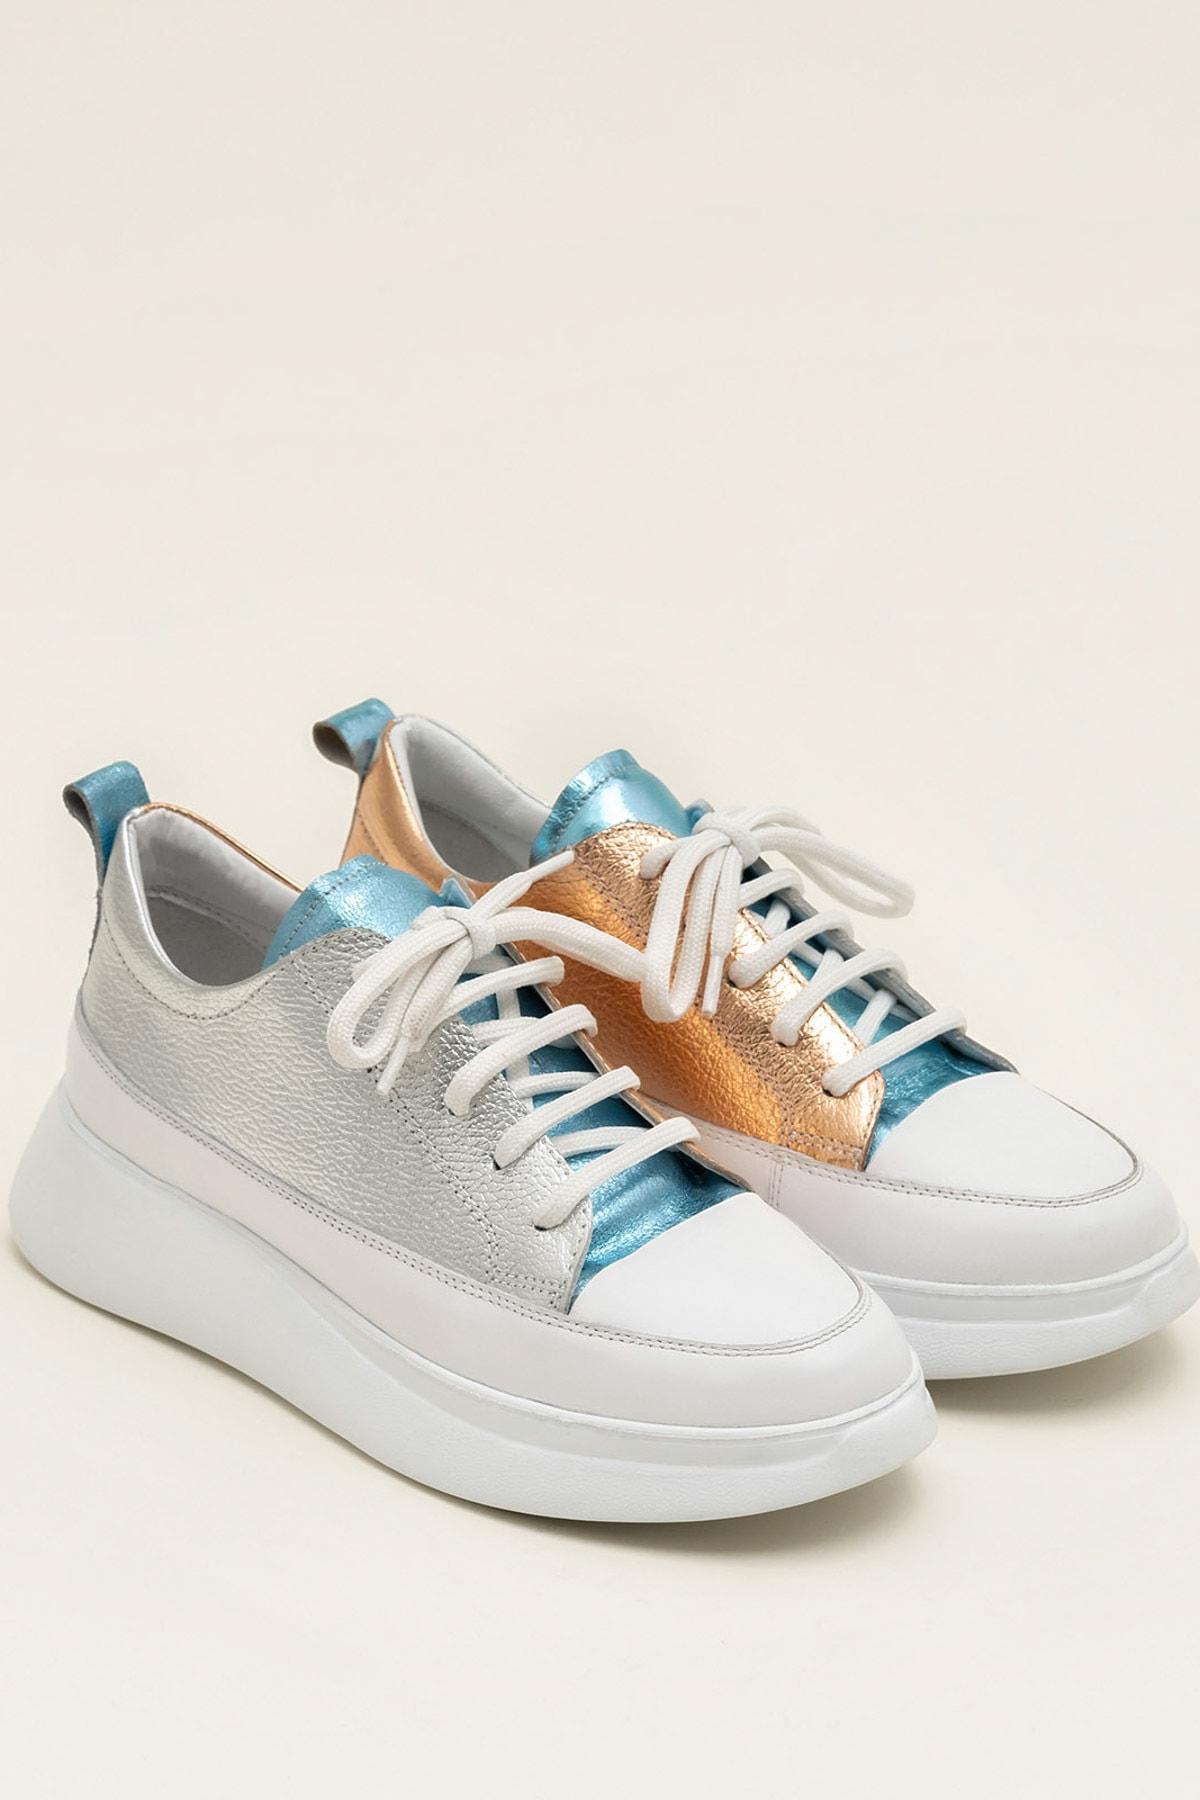 Elle Shoes FANCY Metalık Kombin Kadın  Sneaker 20YSE192404 2